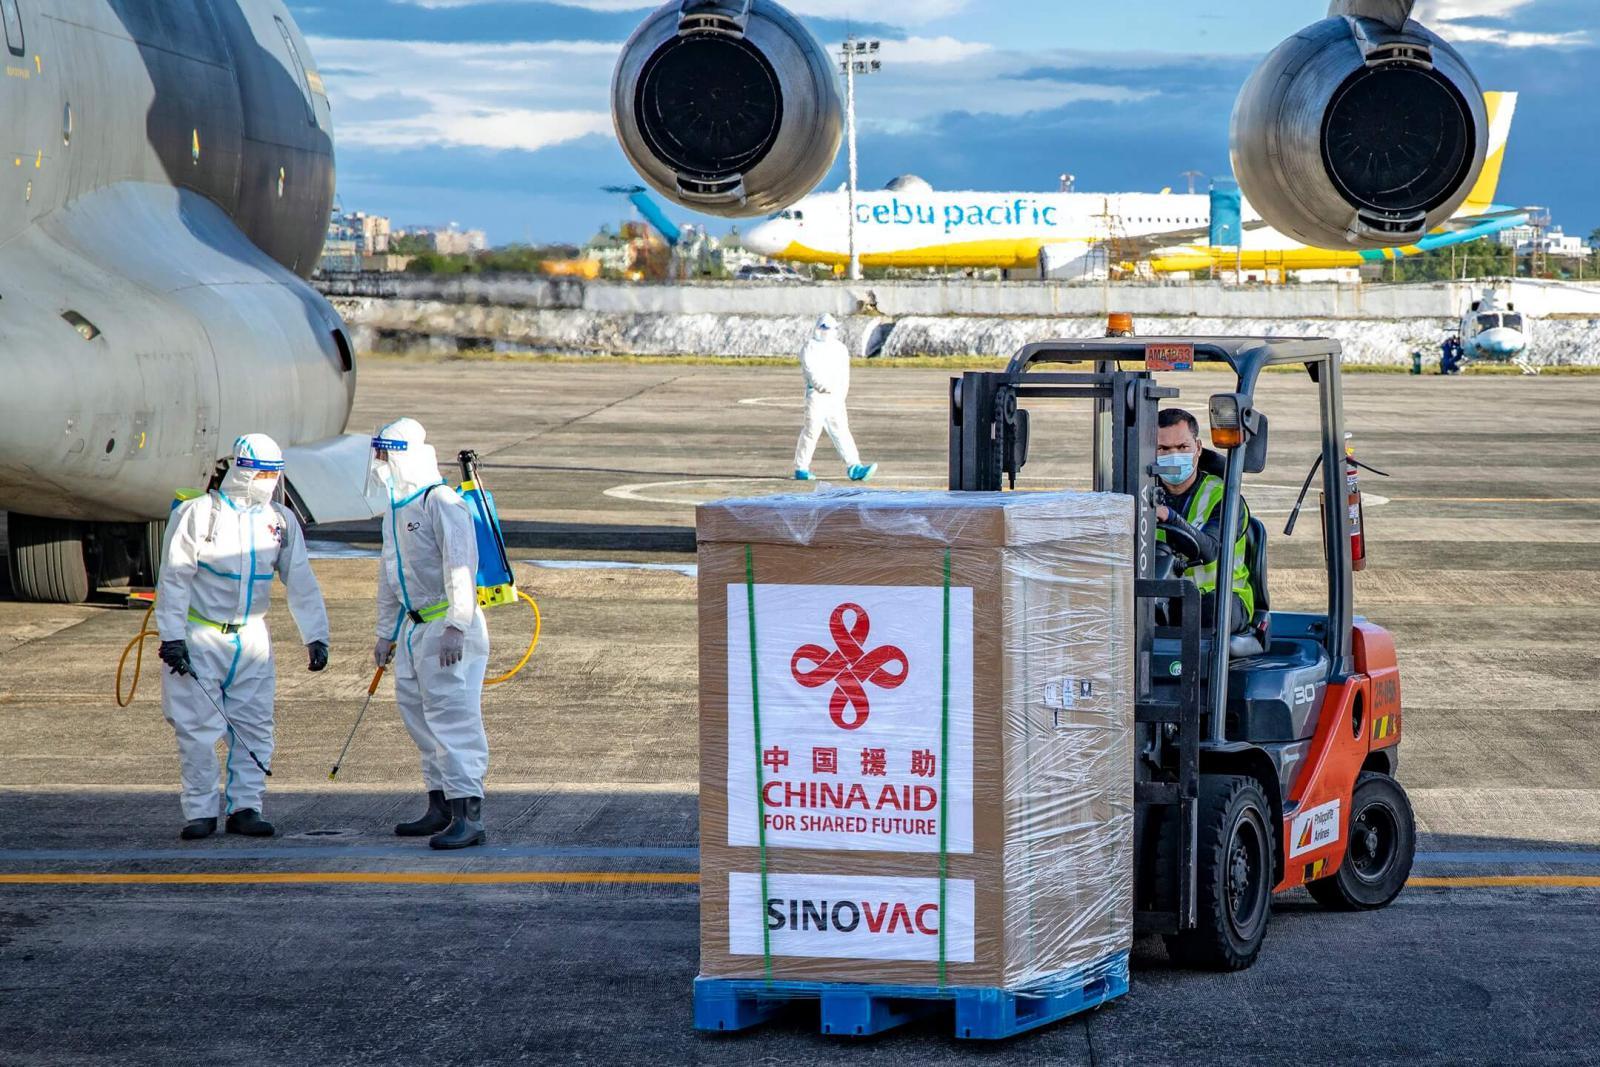 中国向80多个国家和4个国际组织提供急需的疫苗。图为2021年2月28日运抵菲律马尼拉的中国科兴疫苗(摄影:Ezra Acayan)